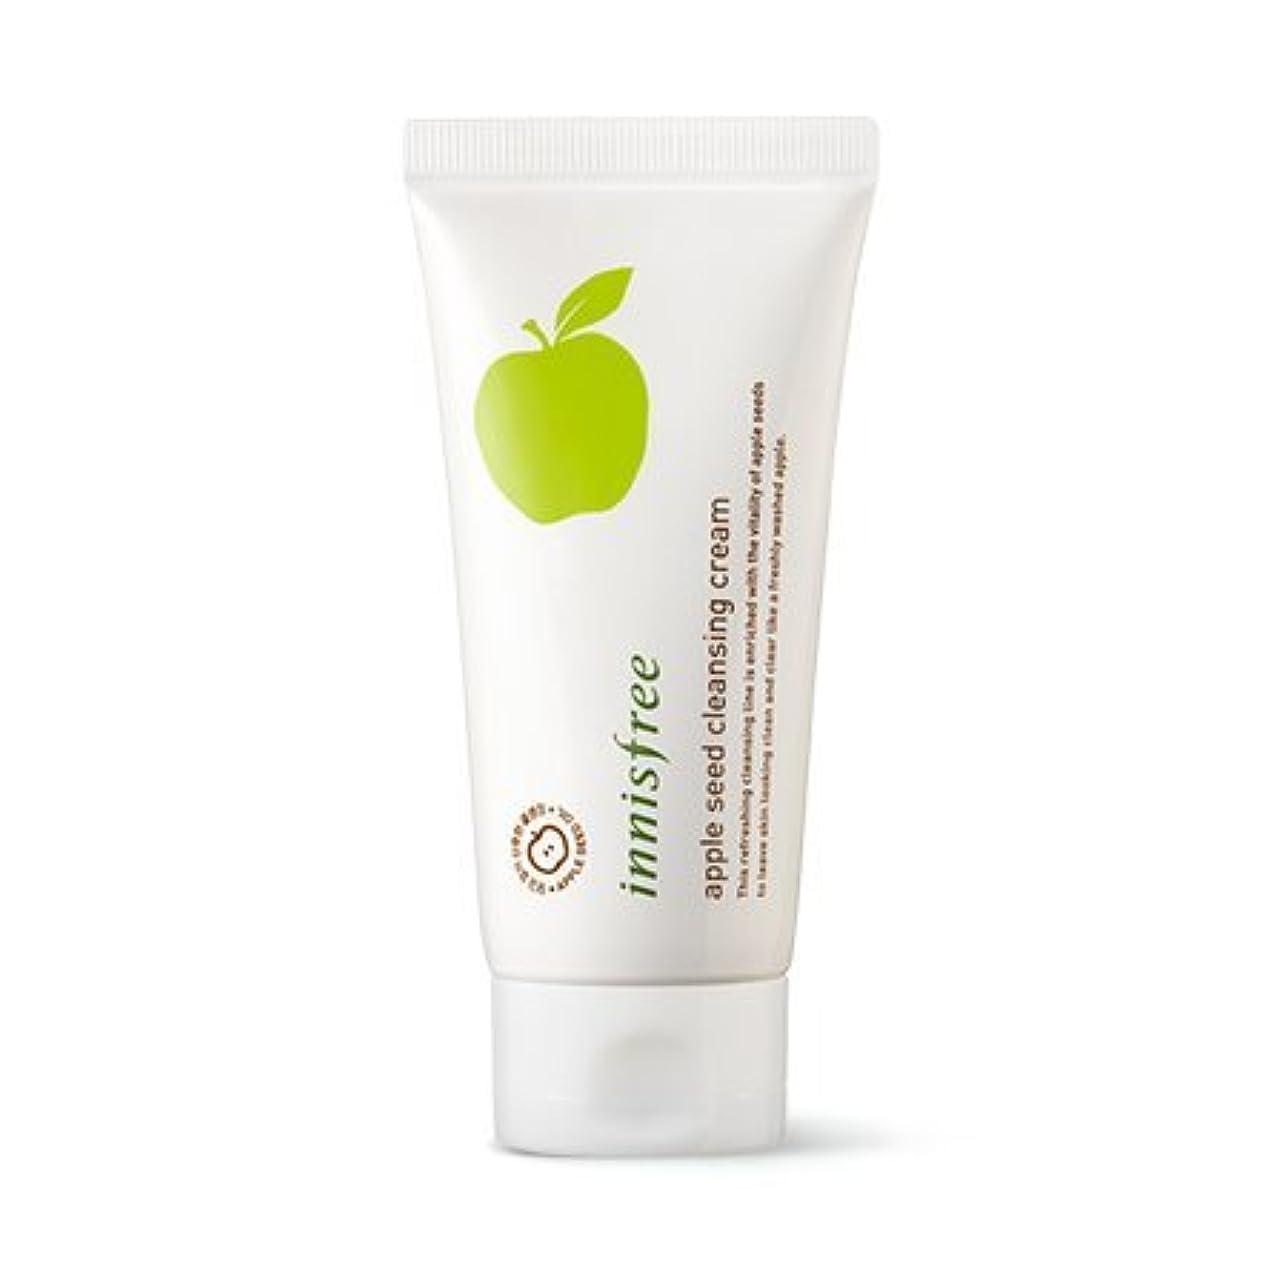 君主制クリエイティブハリウッド[New] innisfree Apple Seed Cleansing Cream 150ml/イニスフリー アップル シード クレンジング クリーム 150ml